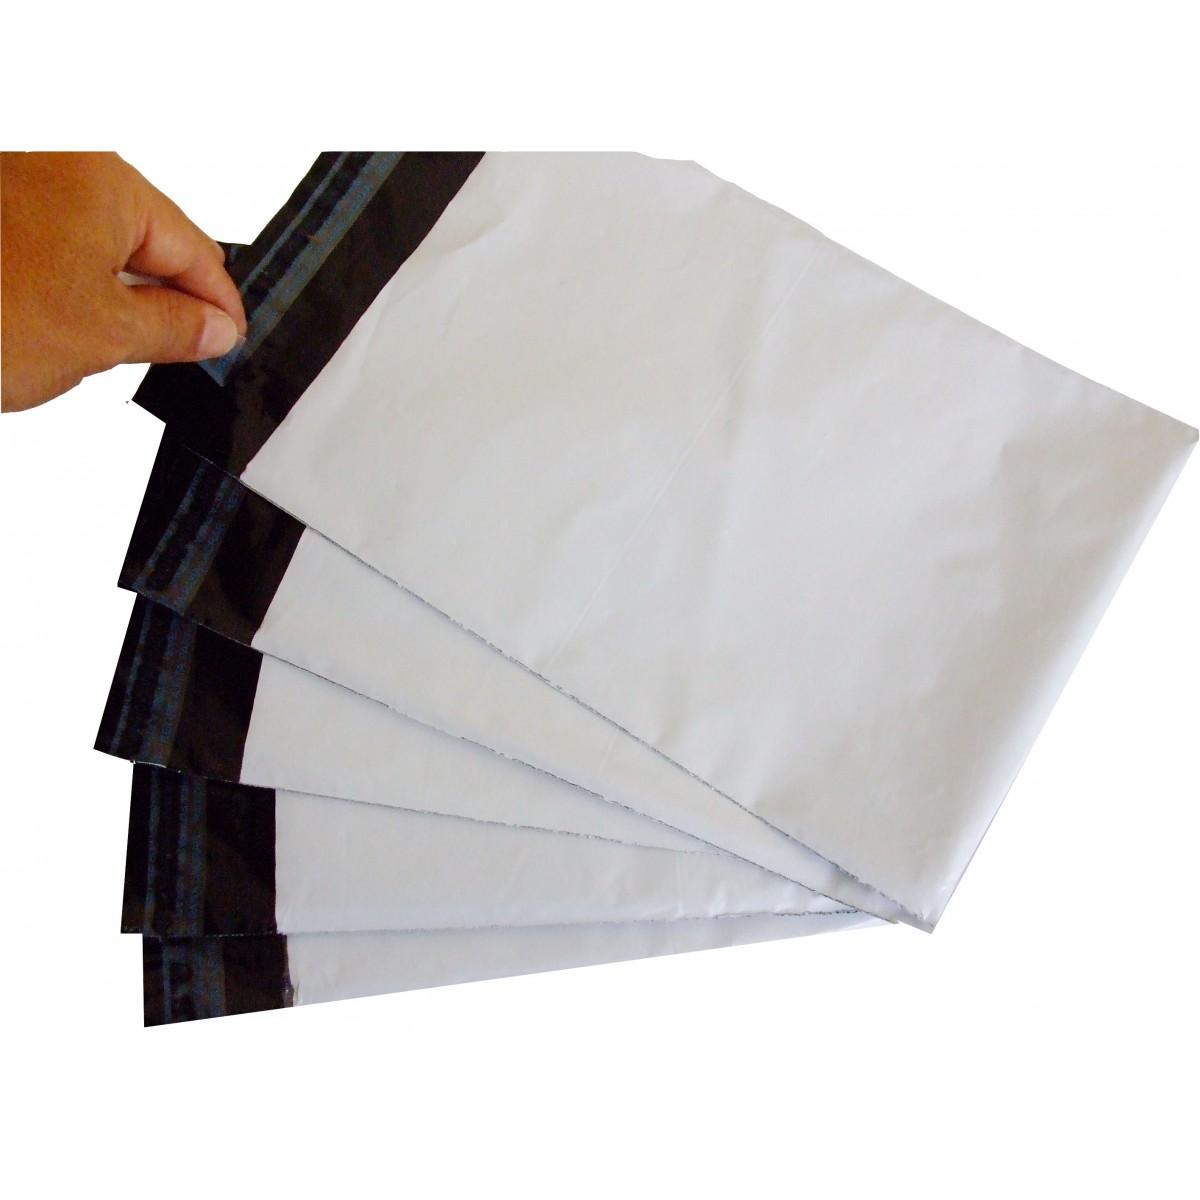 Envelope de Segurança Liso Branco L:24 X C:28 + 5 (Aba) cm